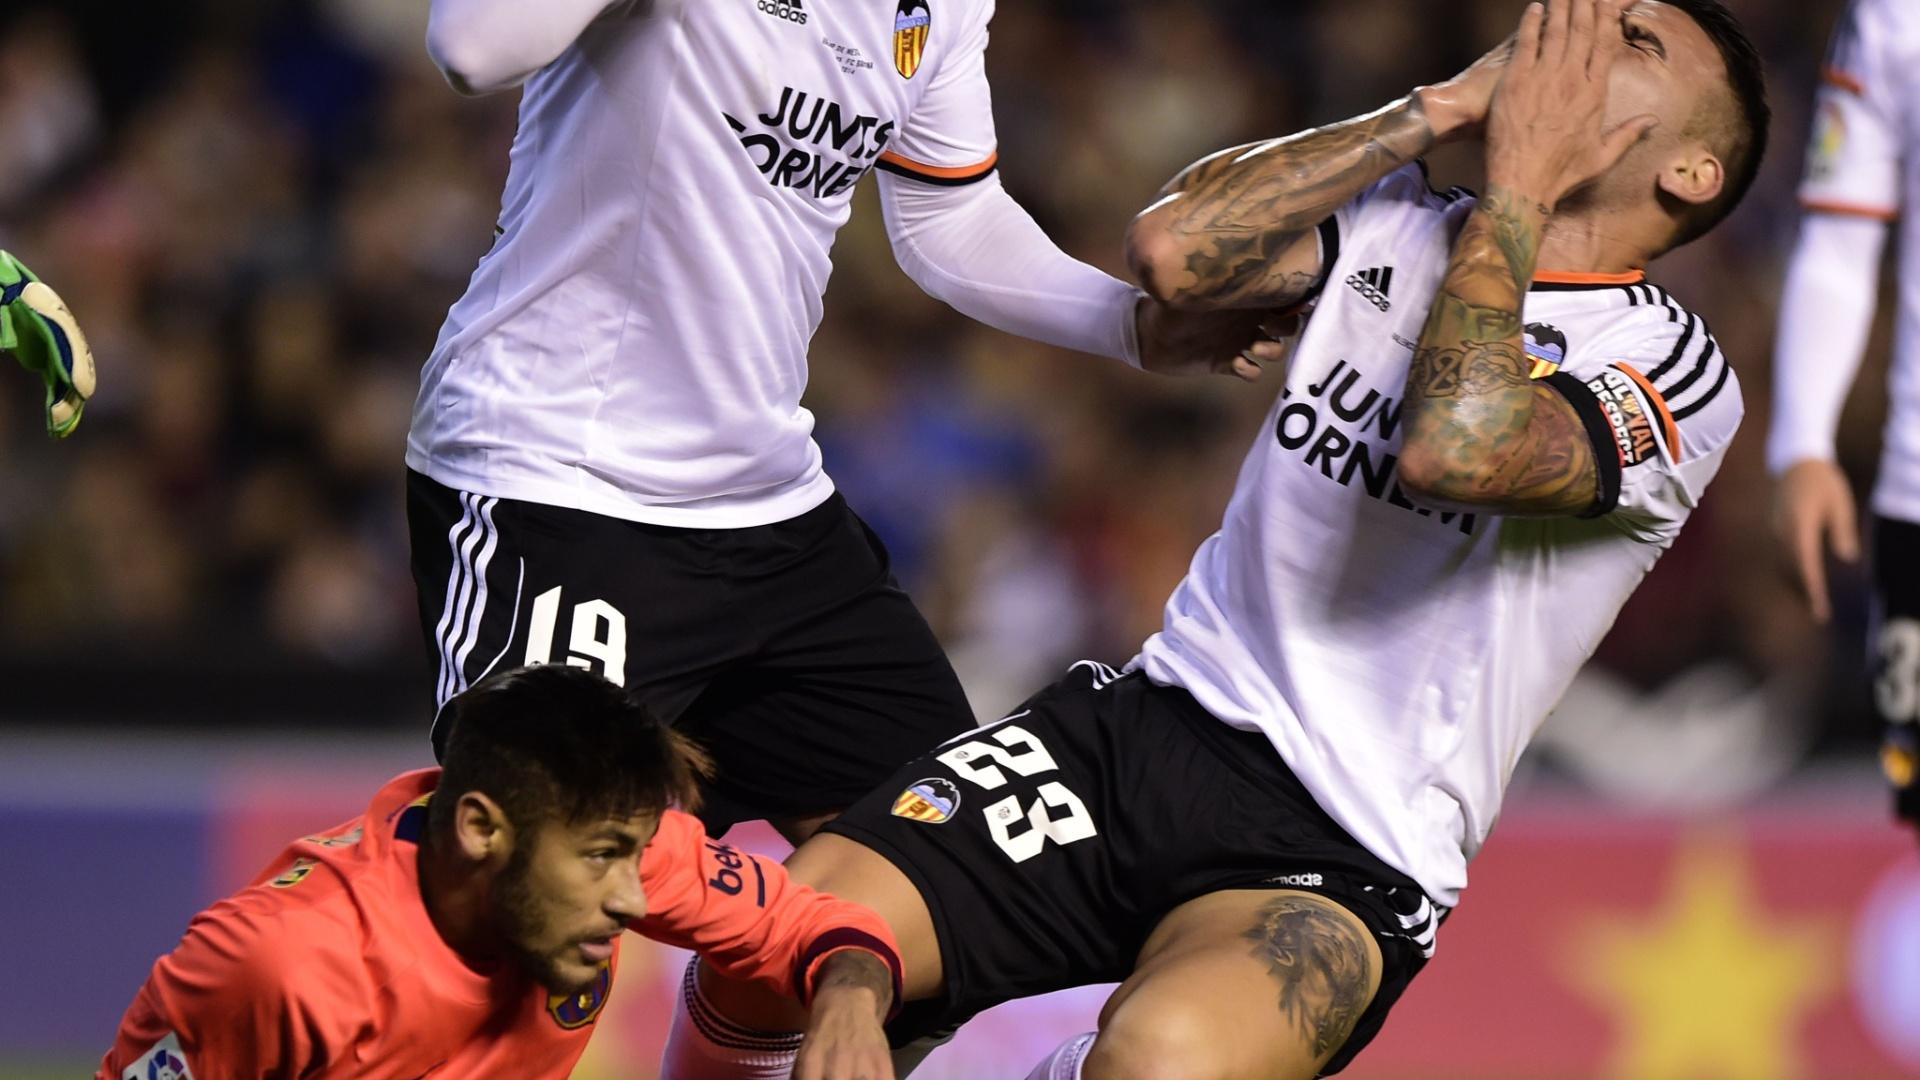 Zagueiro Nicolás Otamendi, do Valencia, reage após levar cabeçada de Neymar em dividida no jogo contra o Barcelona